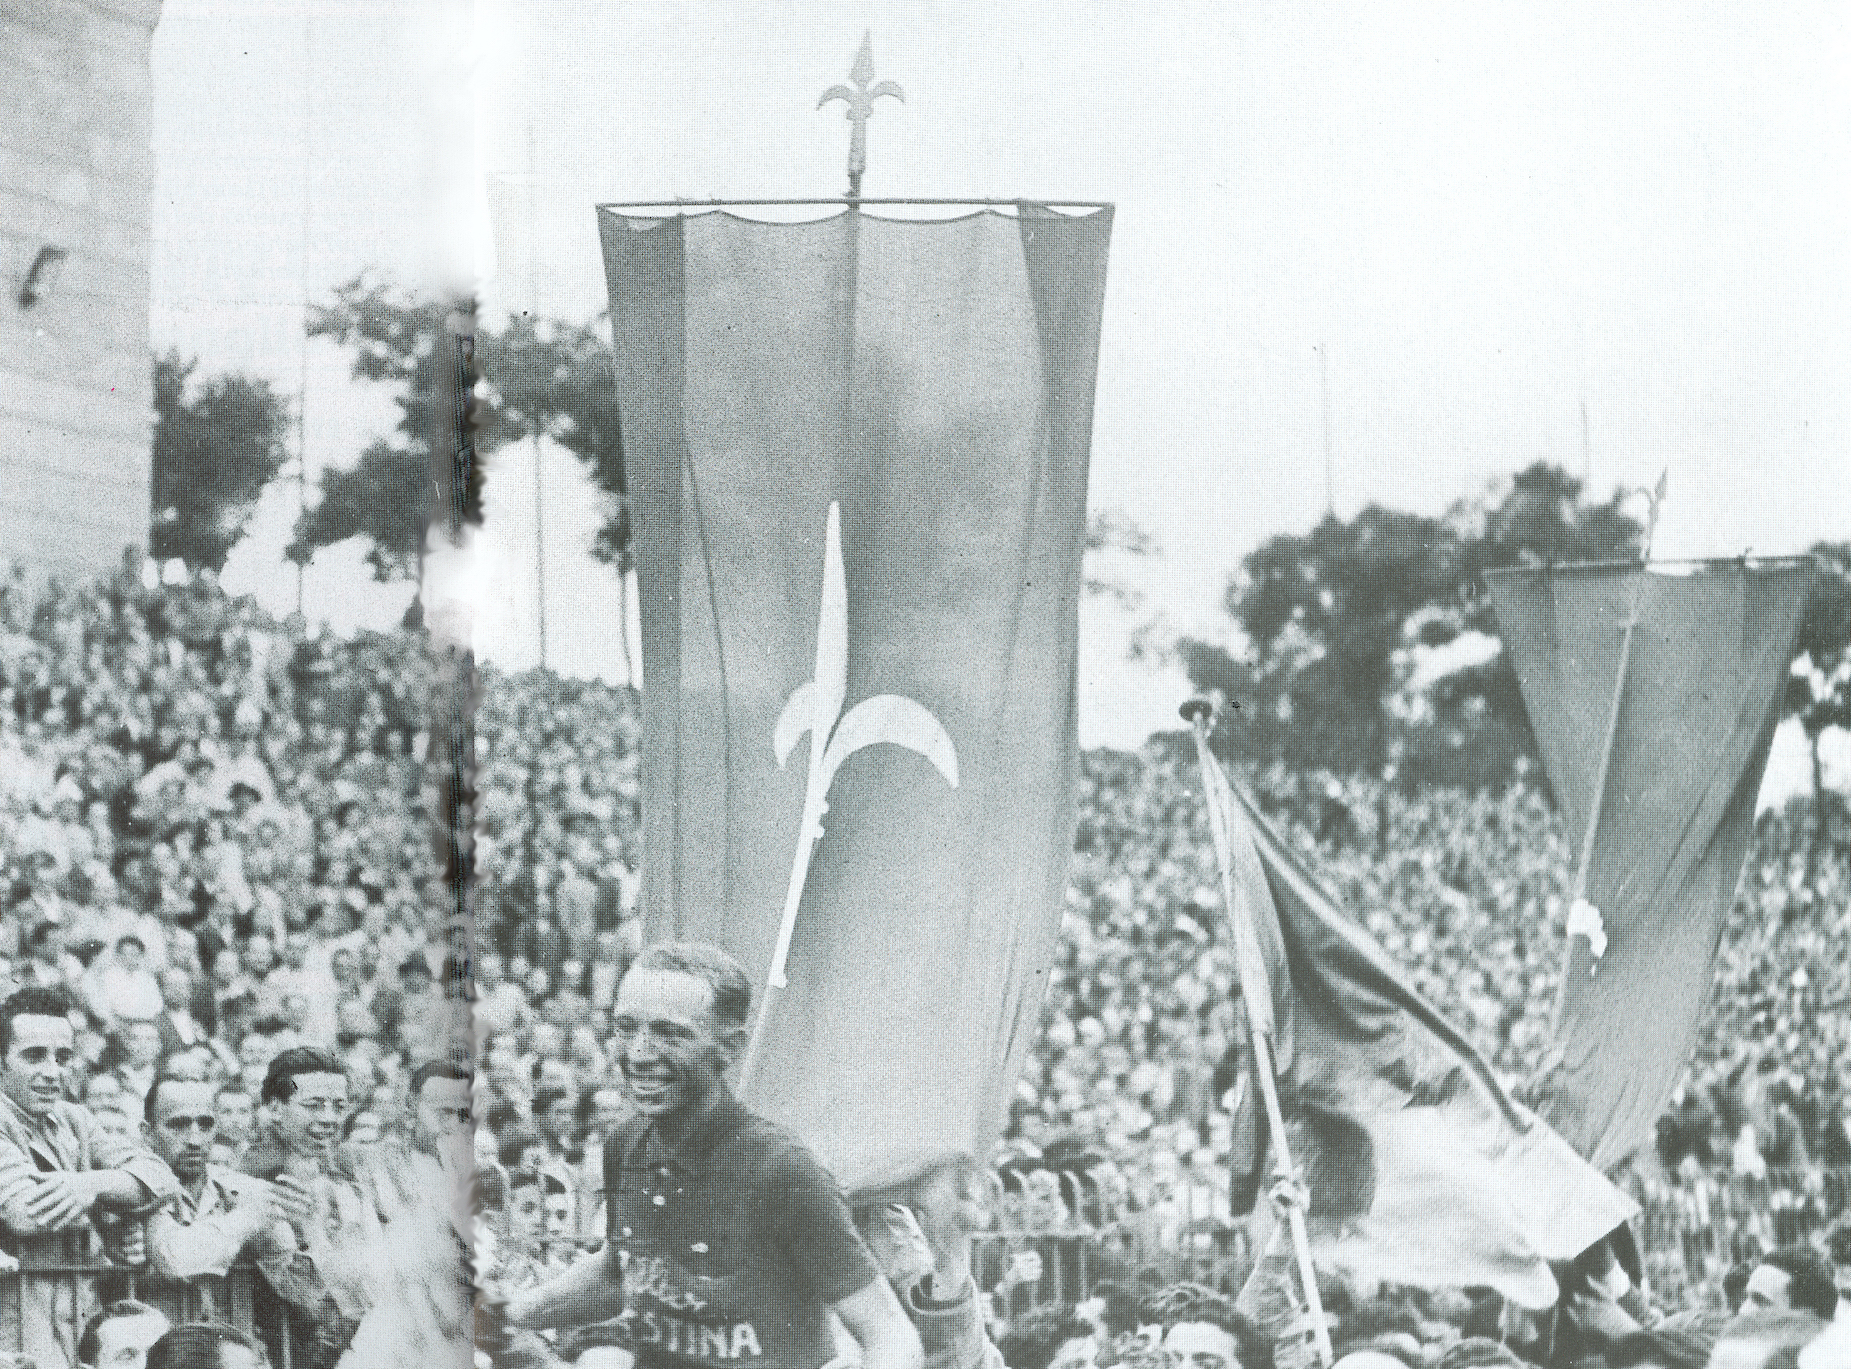 Immagine per La guerra era finita ma non la violenza, quando Pieris fermò il Giro con sassi e pietre